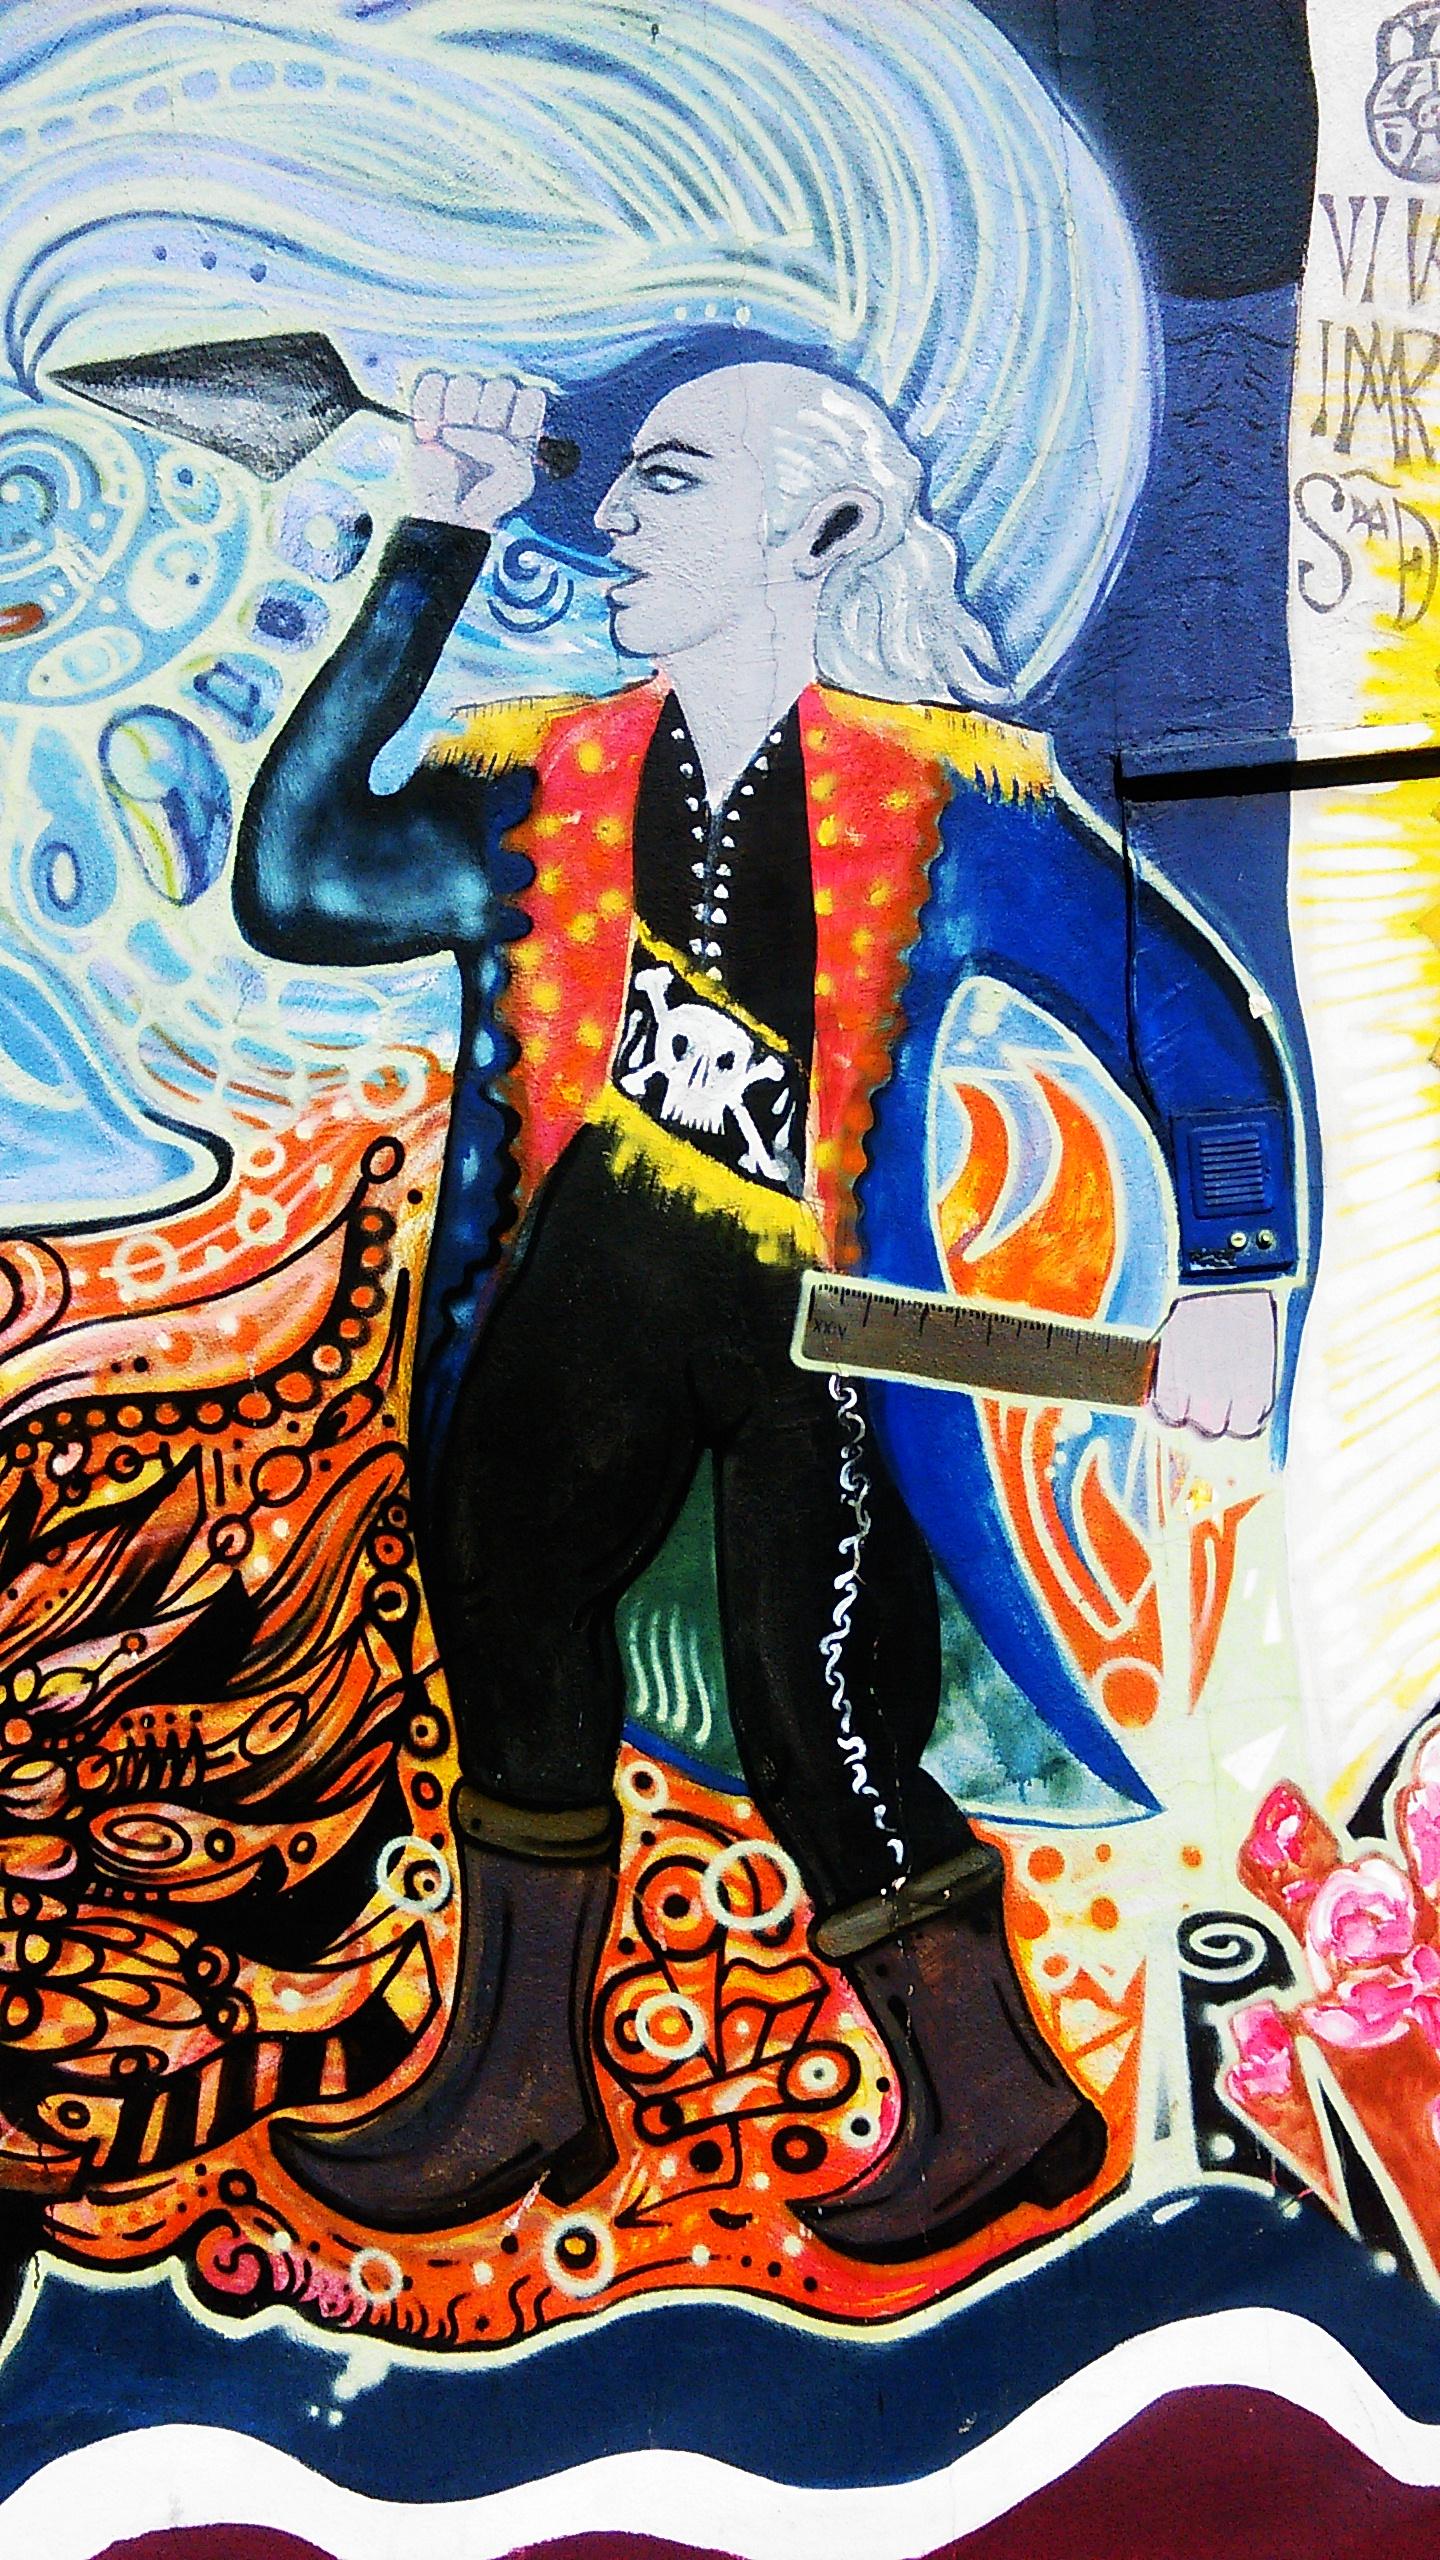 filemiguel hidalgo con banda de maestro masn mural de alejandro escalante rubn durn ernesto corona arturo mrquez zenn gmez y allan valdez